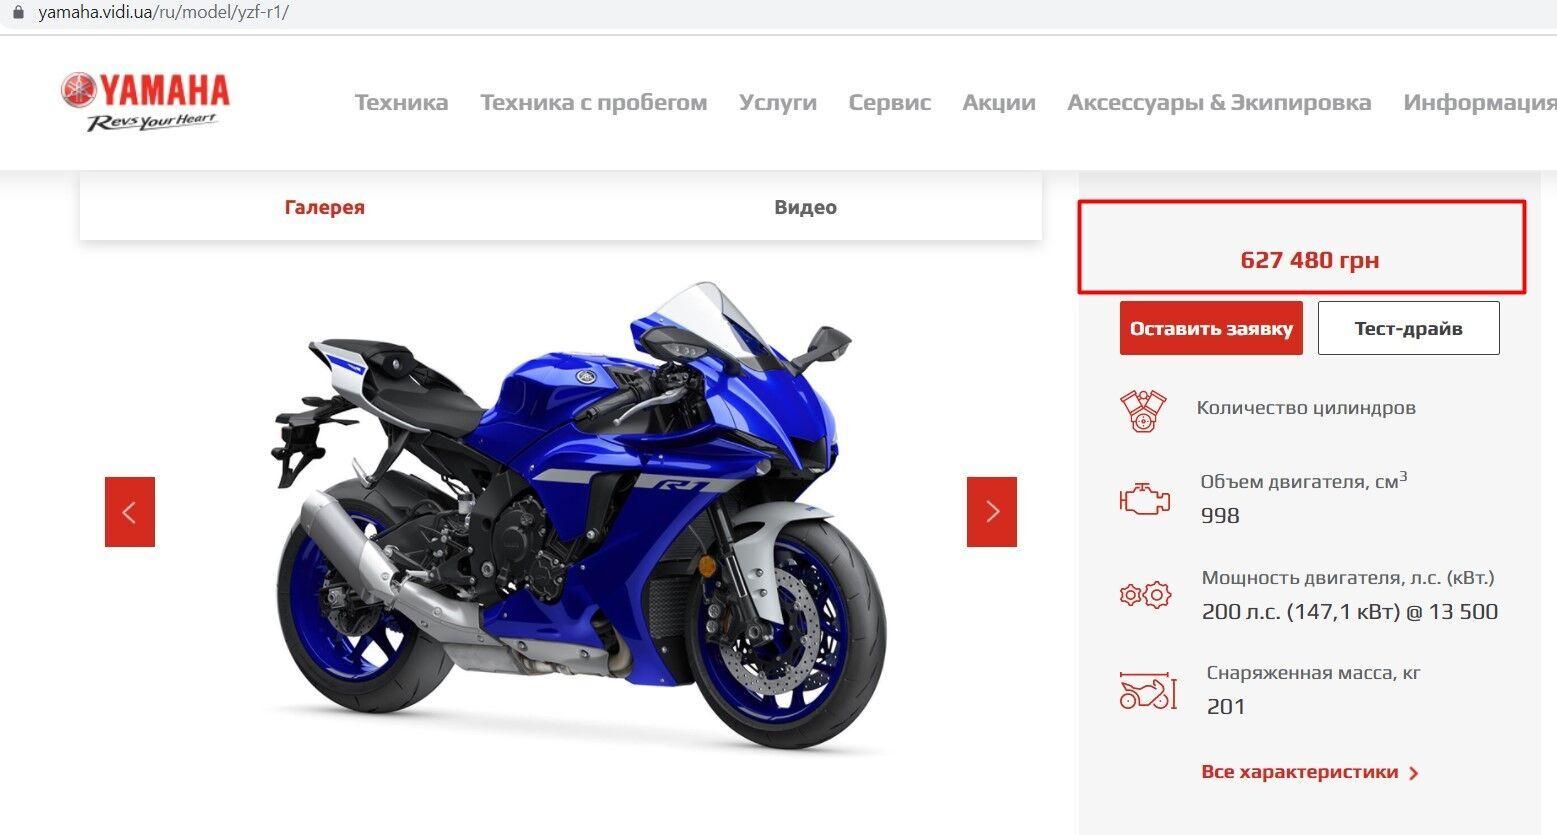 Ковальчук уже несколько лет хвастается в соцсетях дорогим мотоциклом Yamaha R1